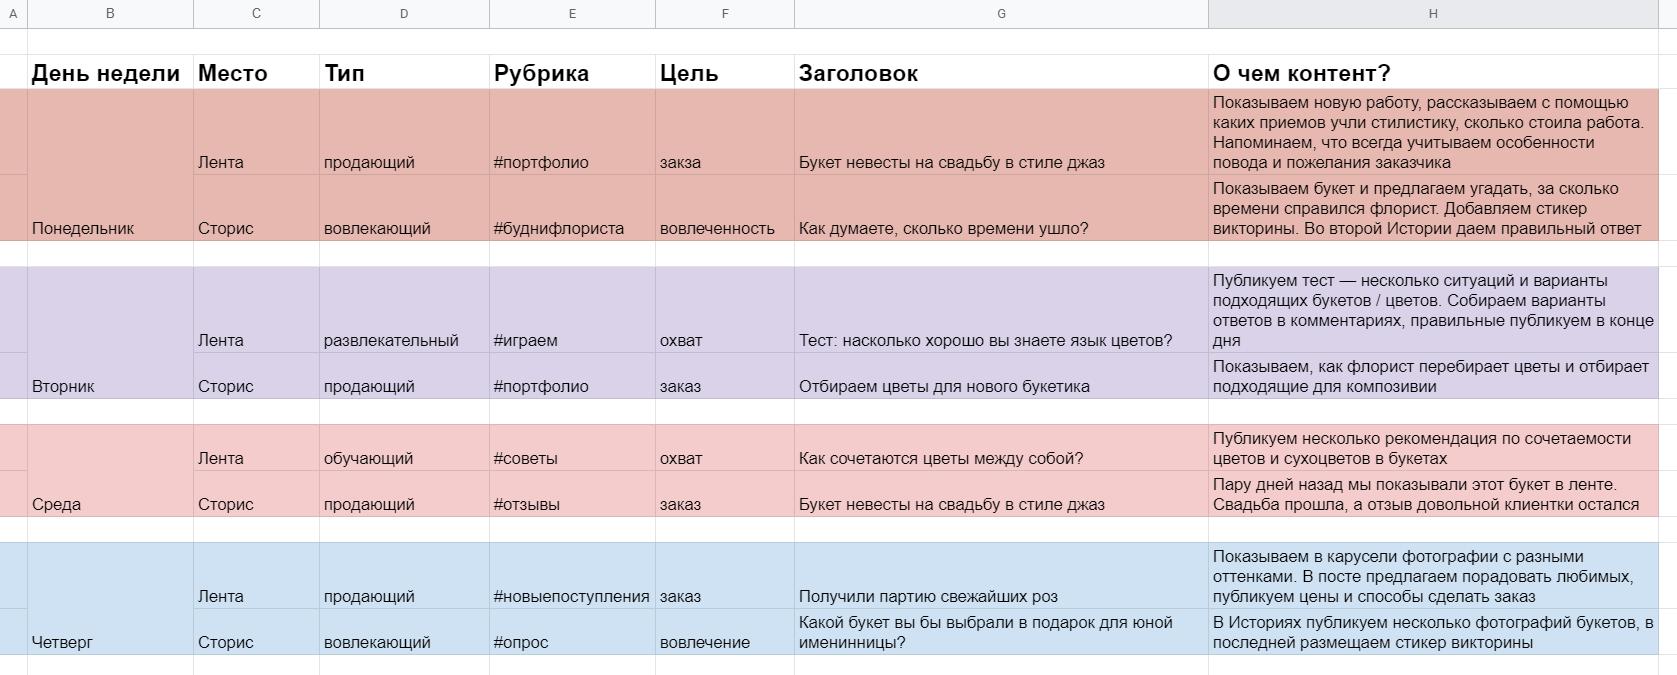 Шаблон матрицы контента для магазина цветов откроется в Google Таблицах